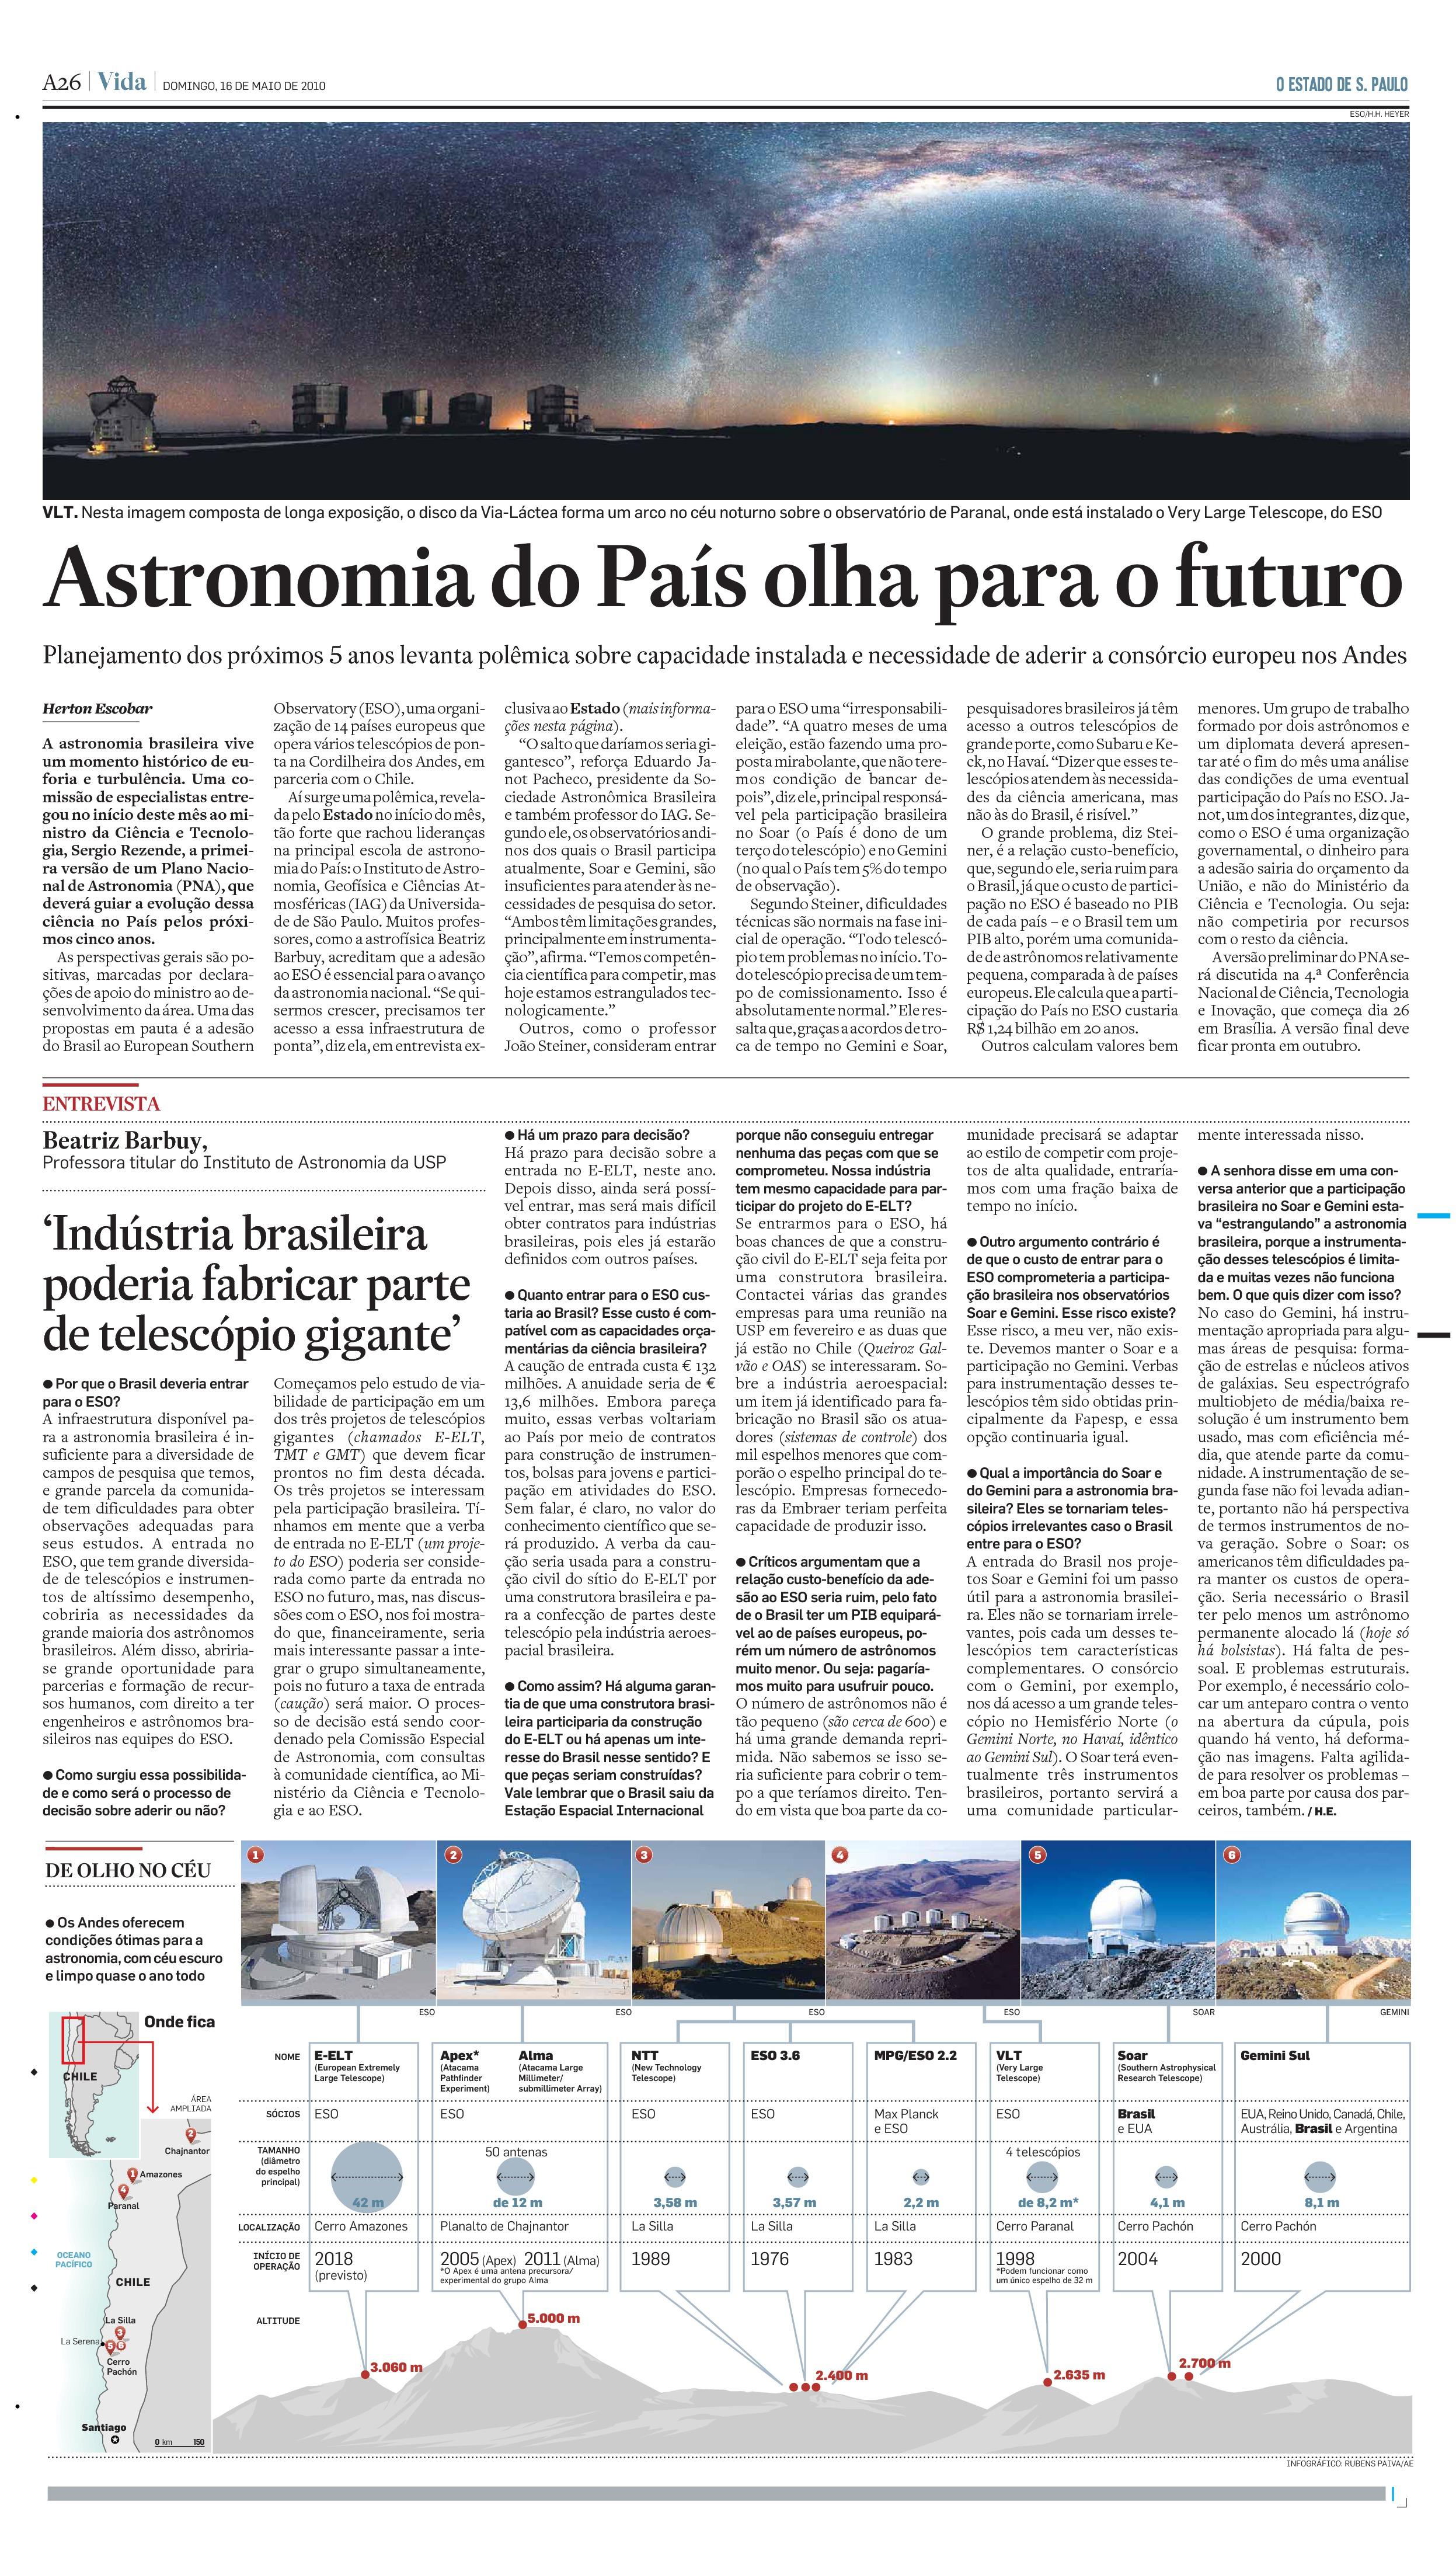 Astronomia do País olha para o futuro